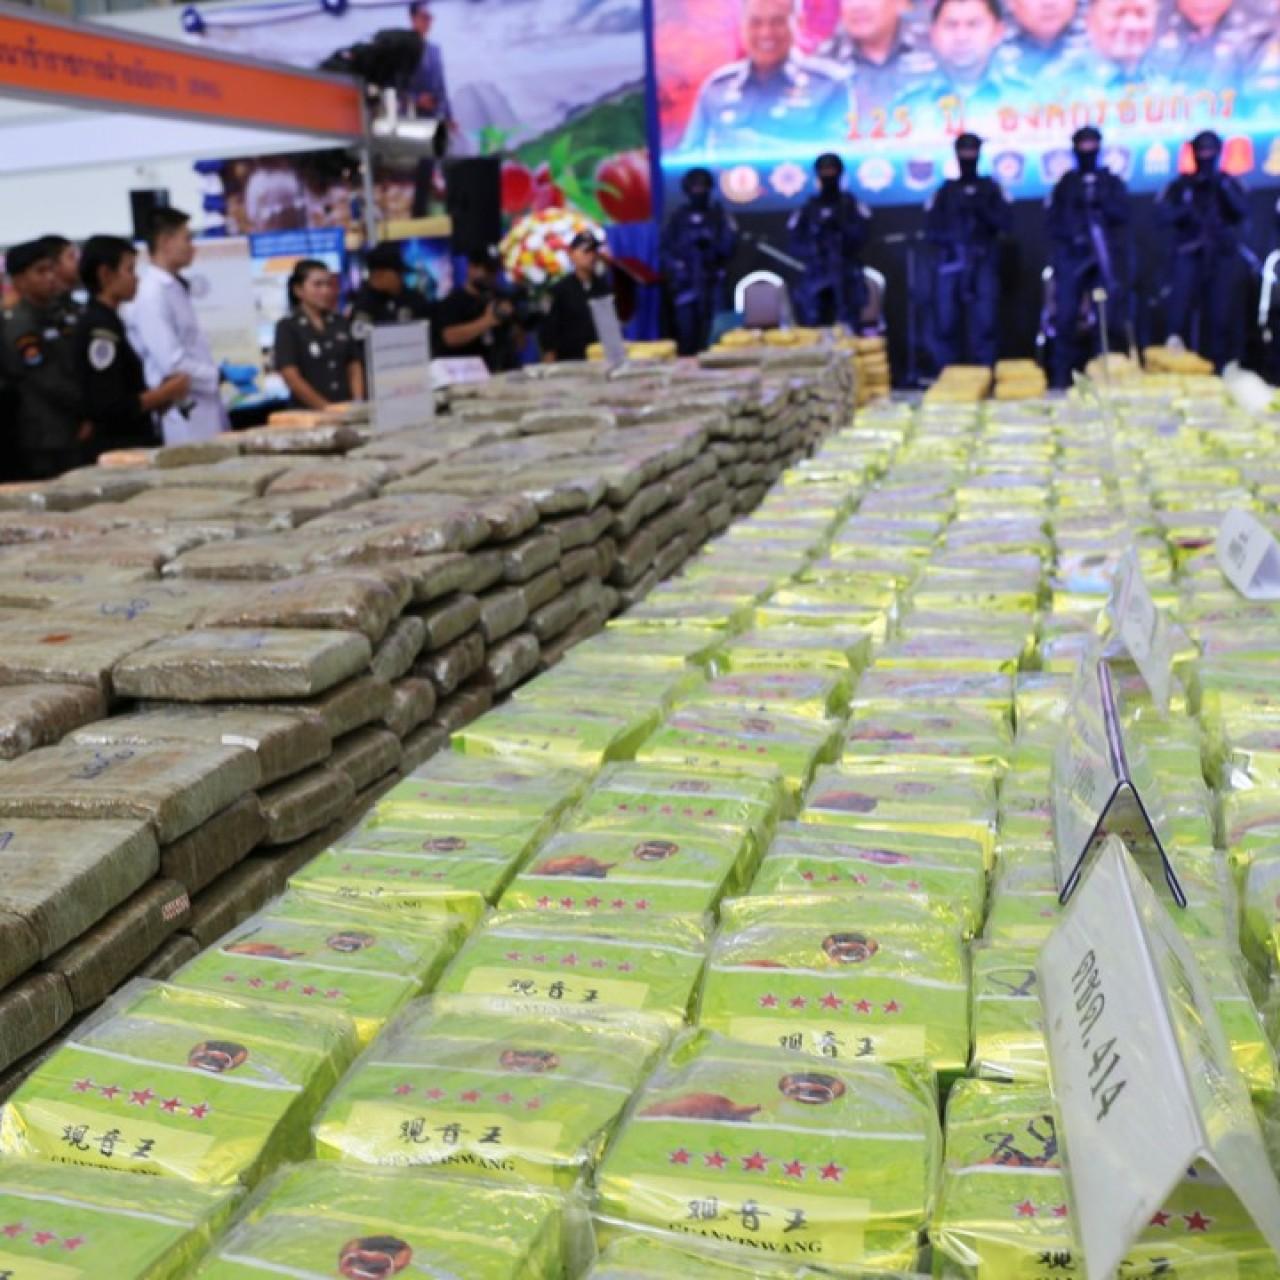 Thailand Seizes Us22 Million Worth Of Golden Triangle Meth